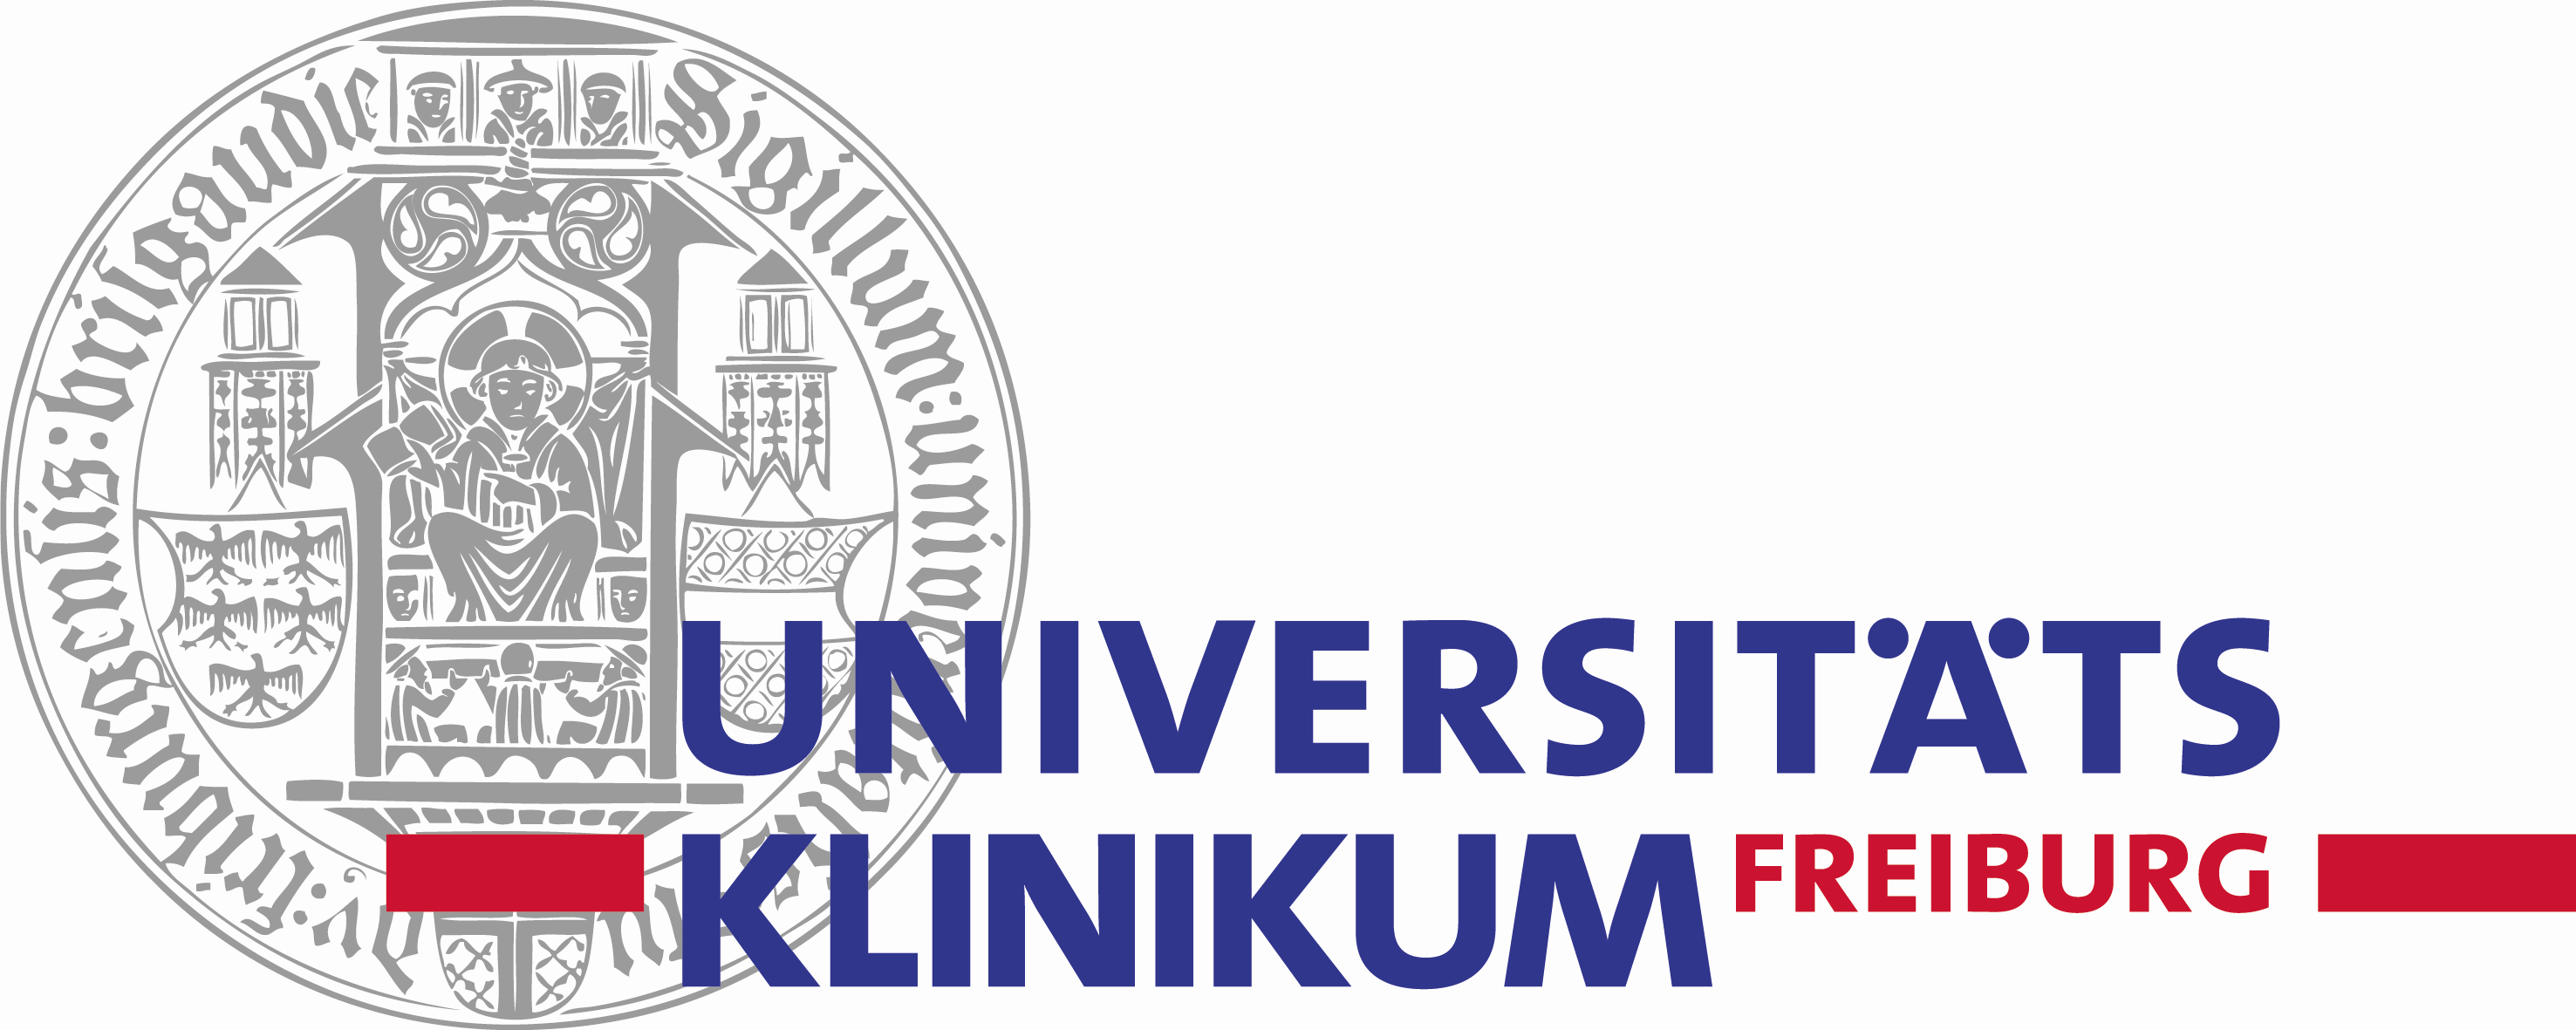 Logo Uniklinik Freiburg